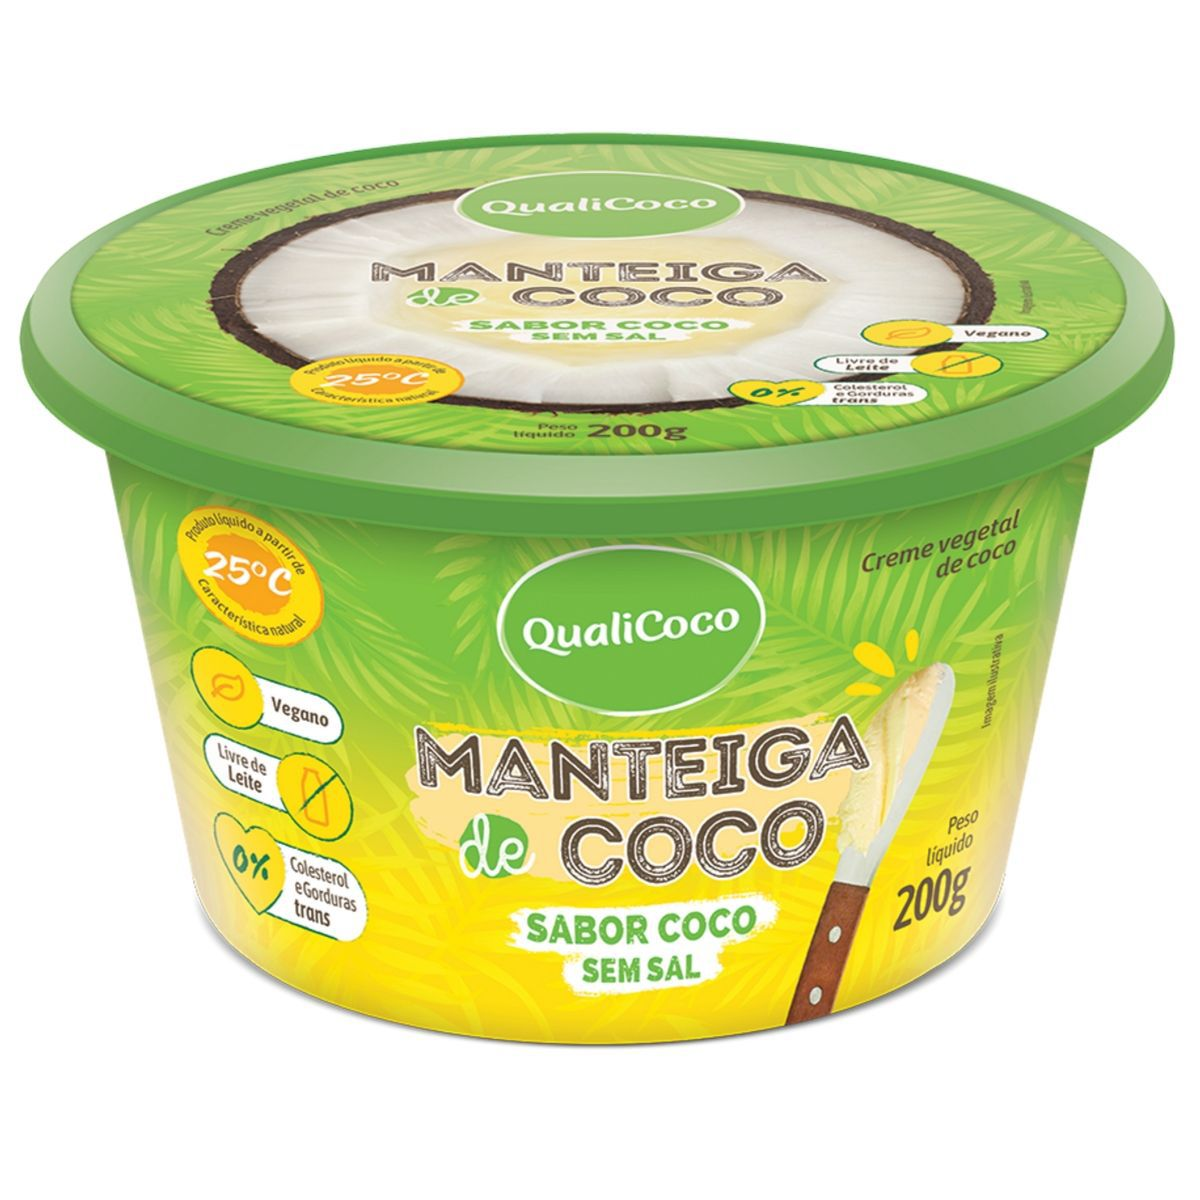 Manteiga De Coco Sem Sal Sabor Coco 200g - QualiCôco